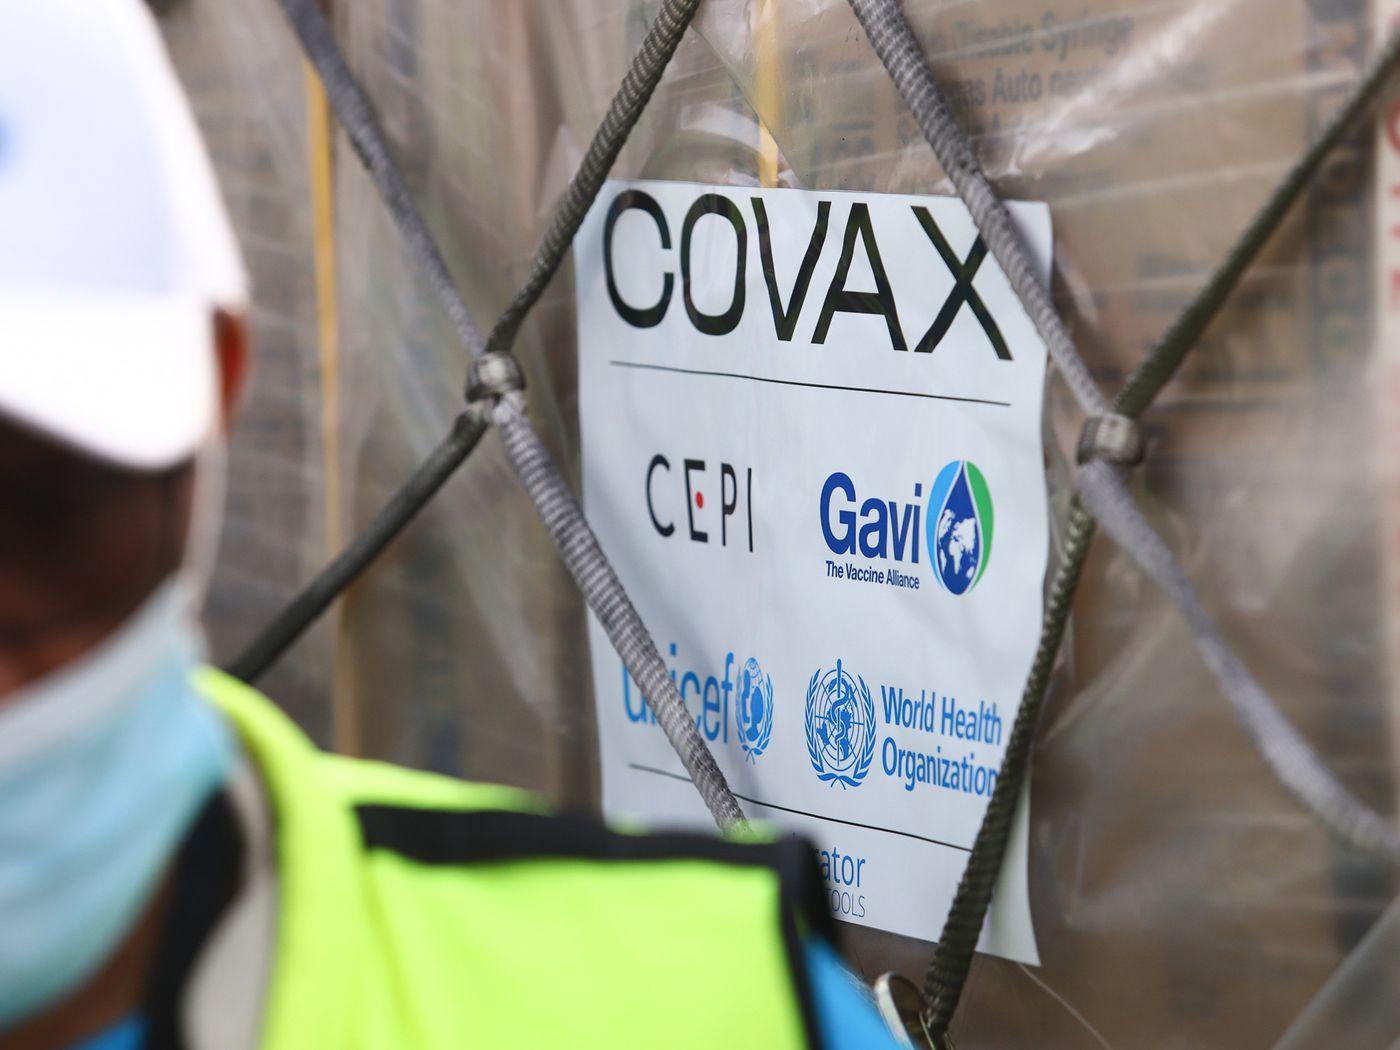 Le Ghana devient le premier pays au monde à recevoir les vaccins covax de l'ONU